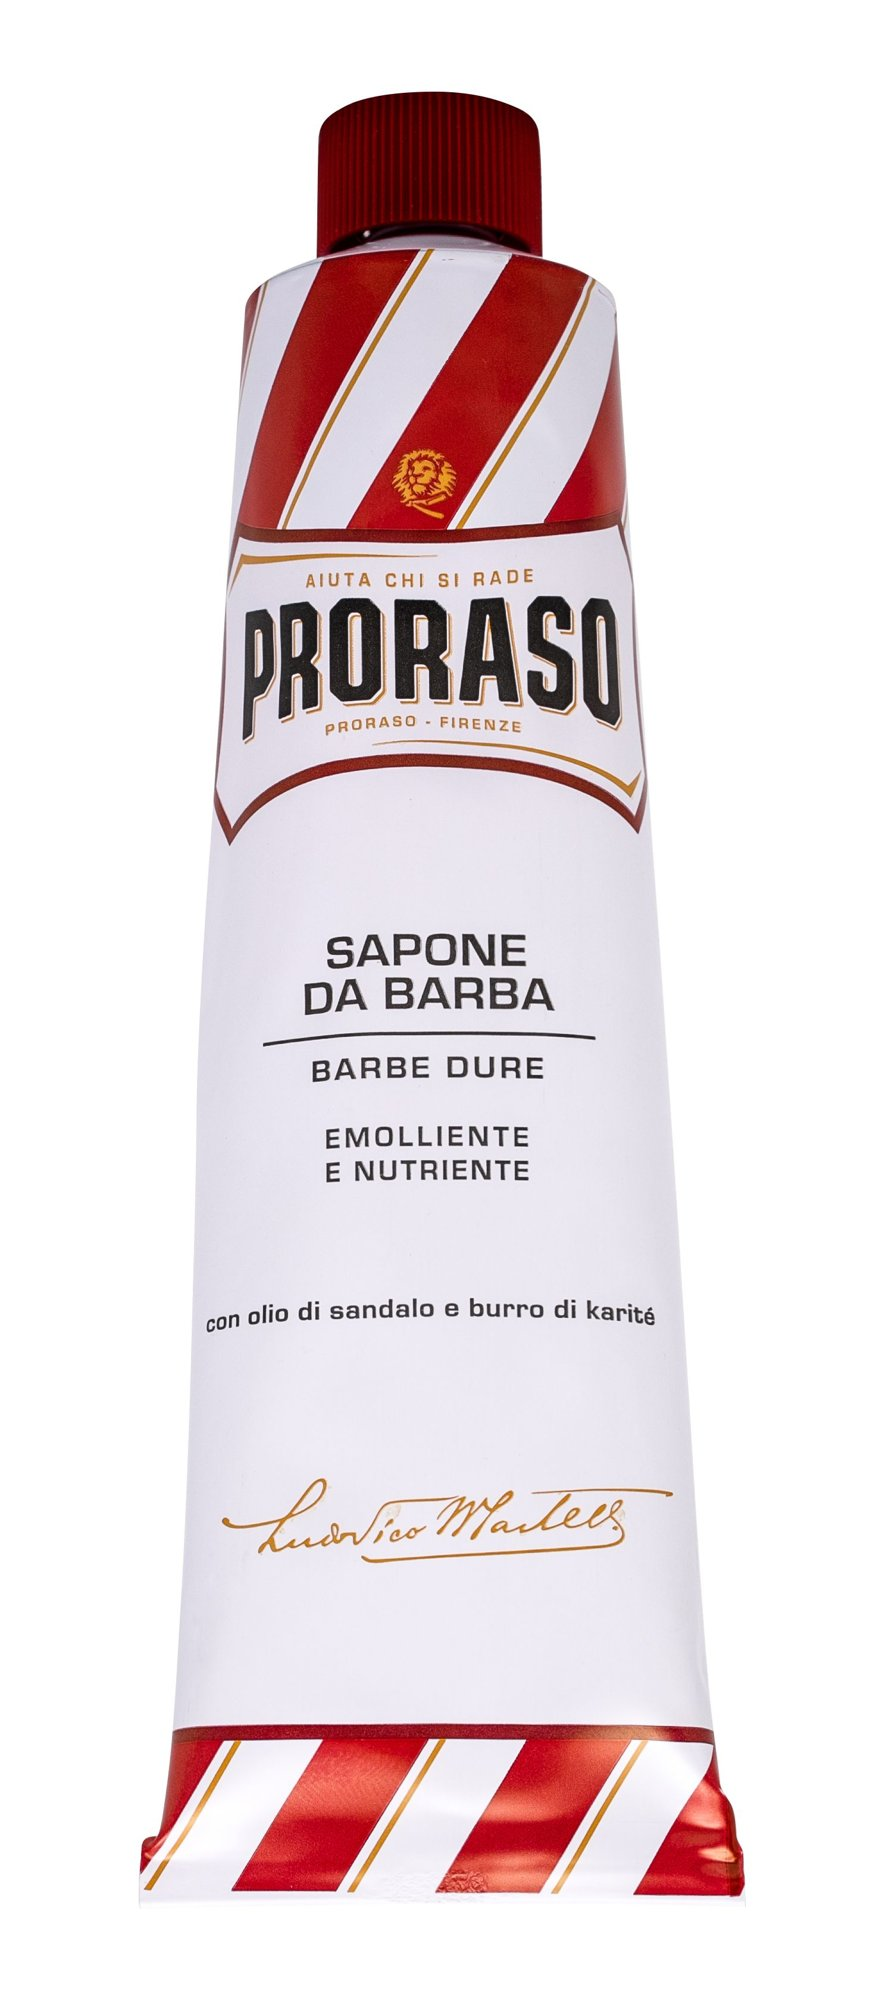 PRORASO Red Shaving Foam 150ml